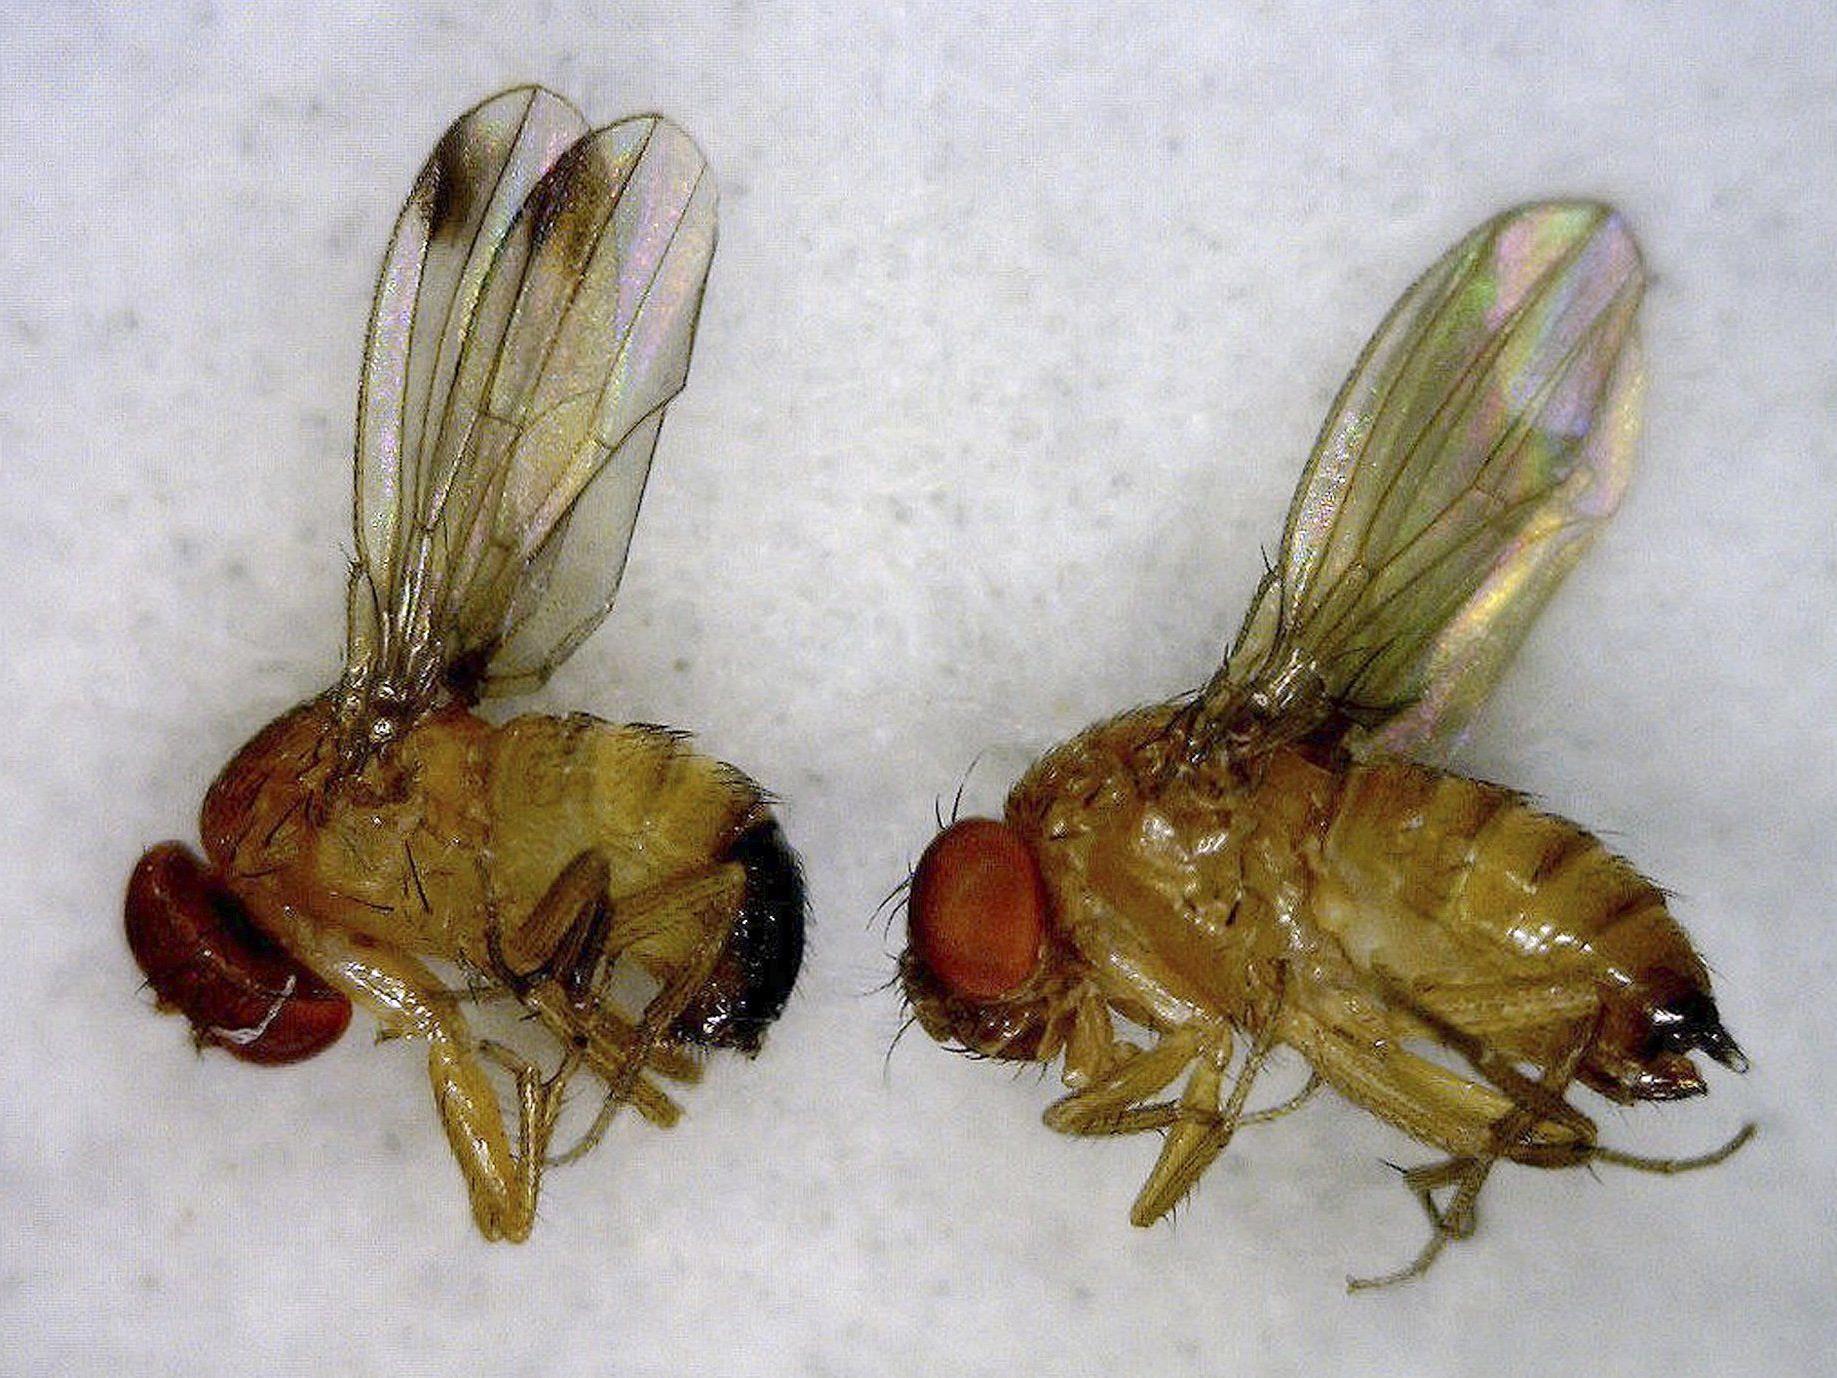 Die Fliegen legen ihre Eier in mehr als 100 verschiedene Obstsorten.